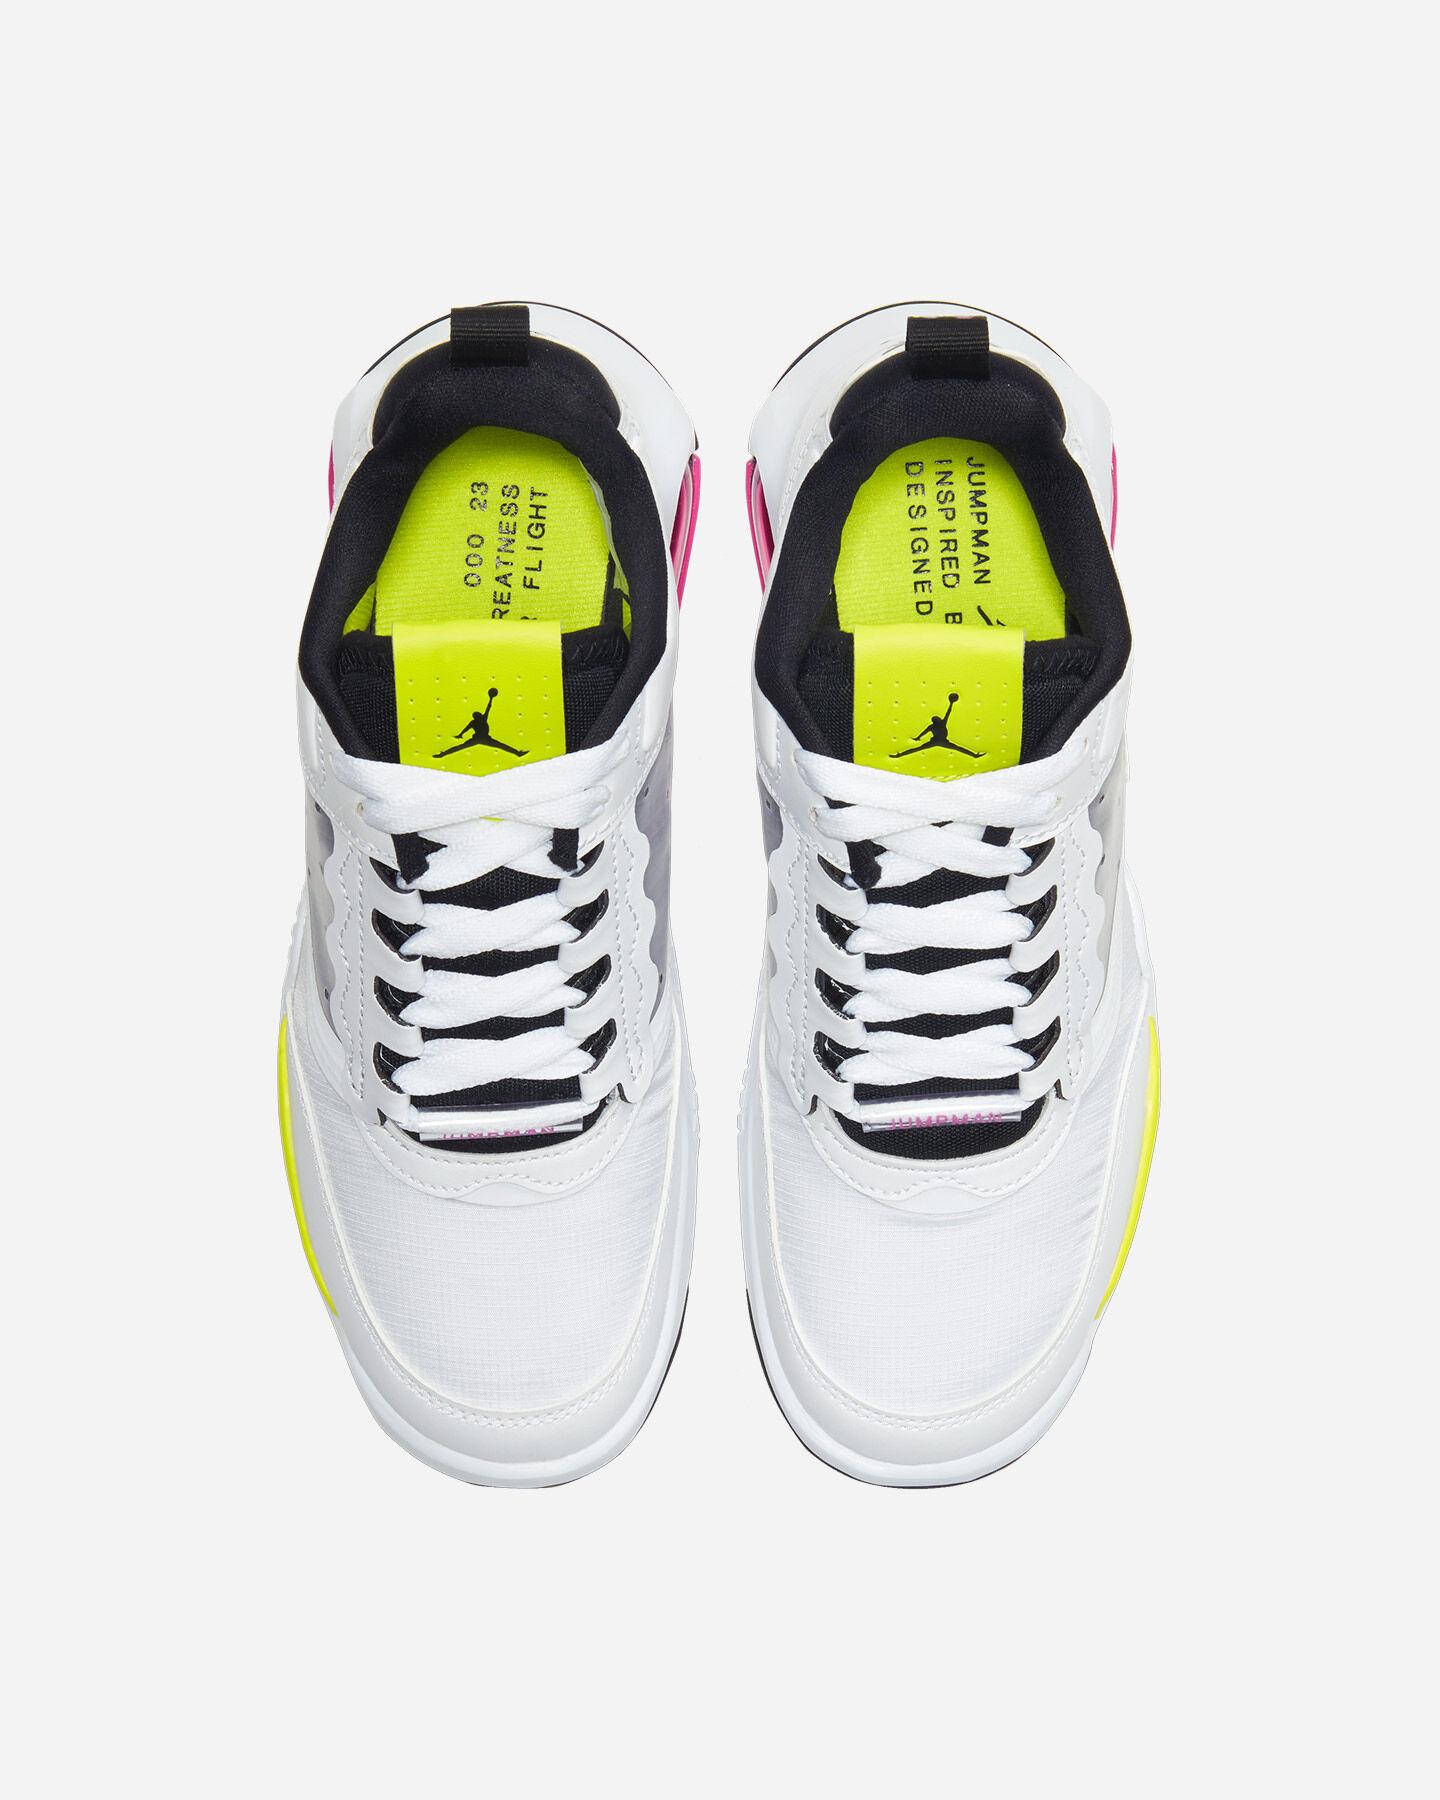 Scarpe sneakers NIKE JORDAN MAX 200 GS JR S5197515 scatto 3